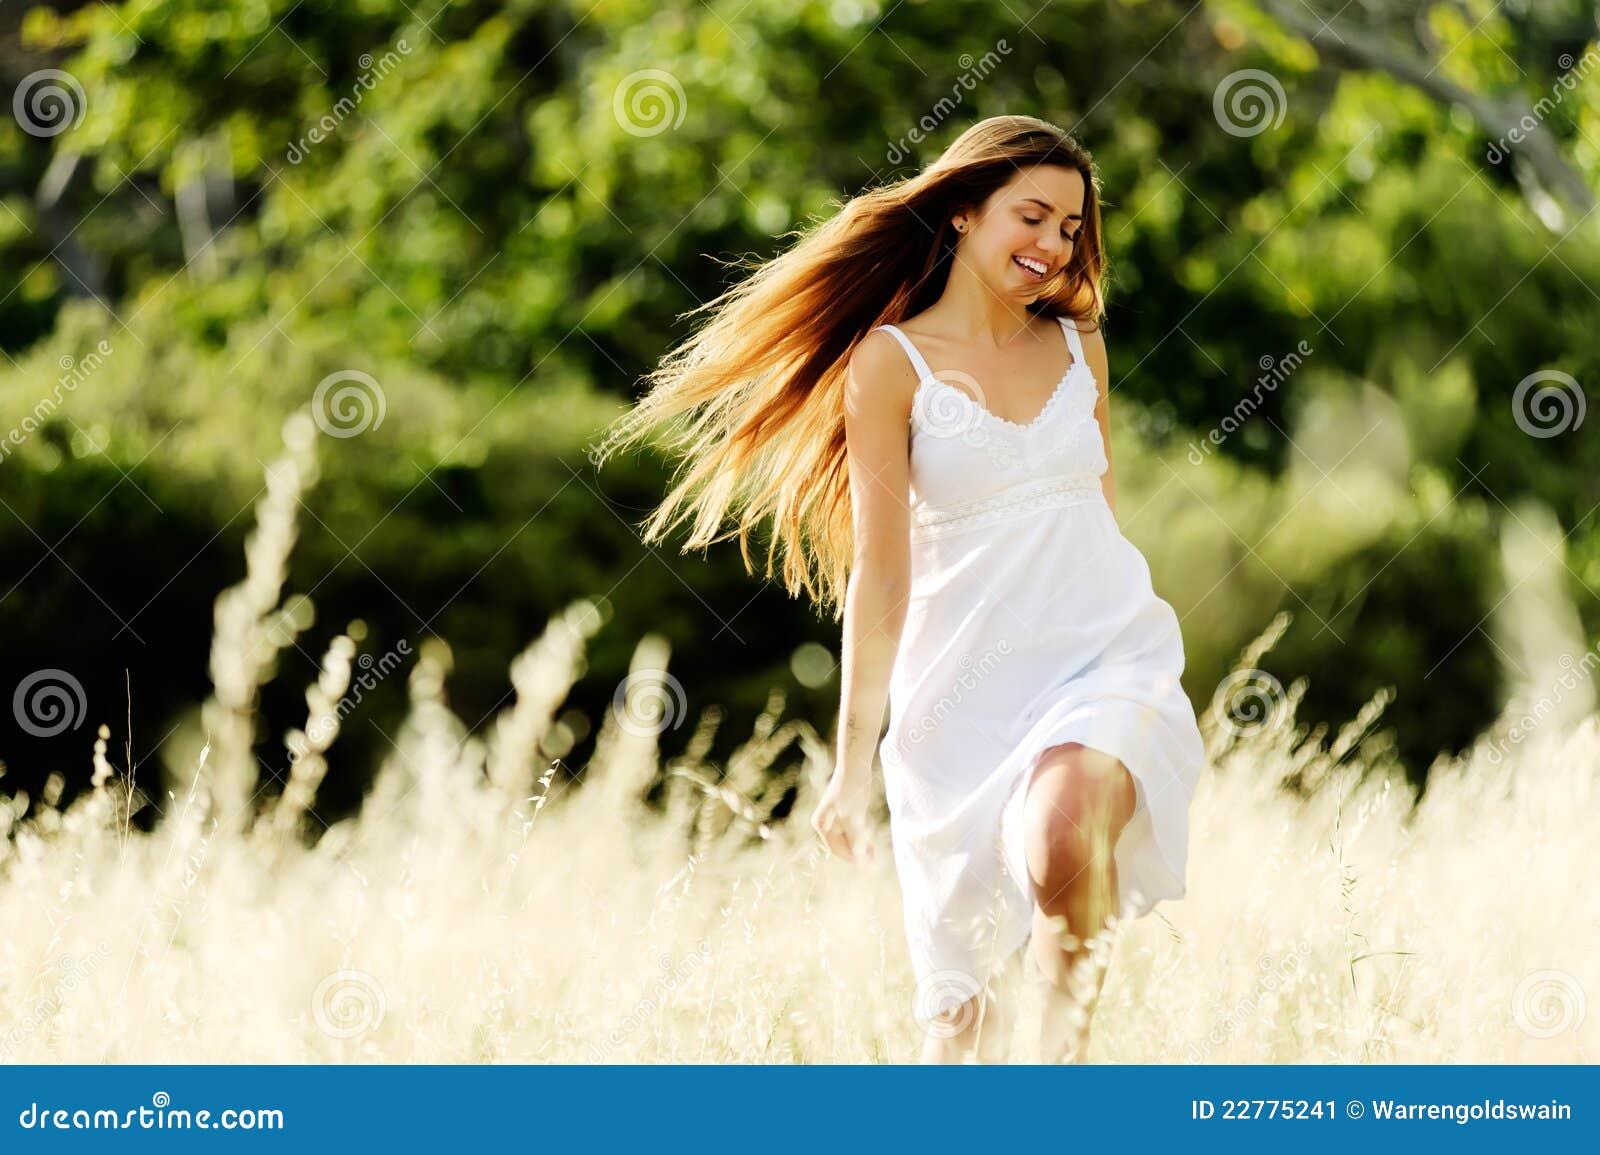 Frau, die draußen in ein Feld läuft